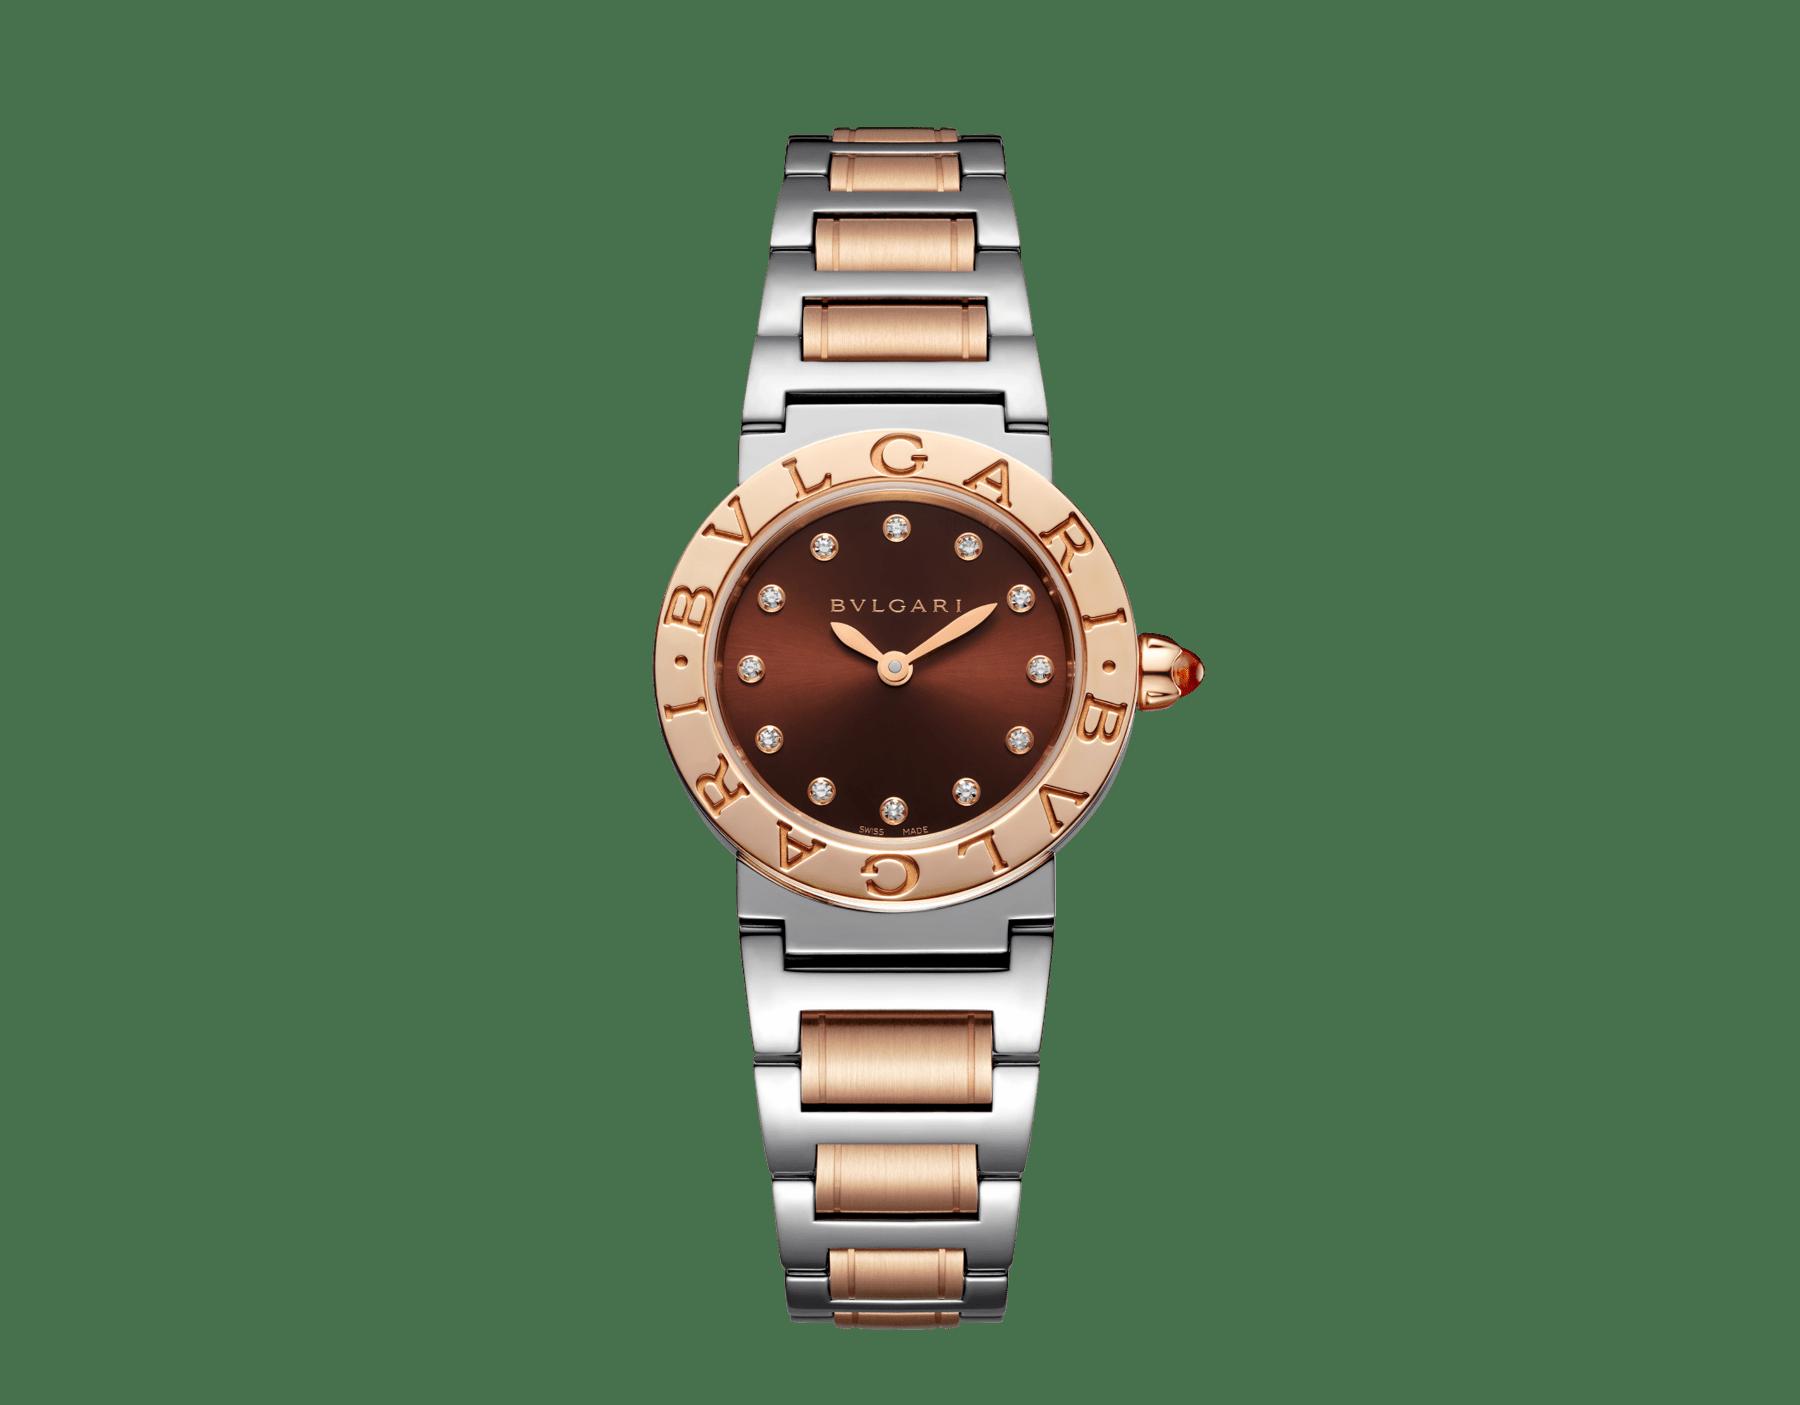 Montre BVLGARI BVLGARI avec boîtier et bracelet en or rose 18K et acier inoxydable, cadran laqué brun soleil et index sertis de diamants. Petit modèle. 102155 image 1